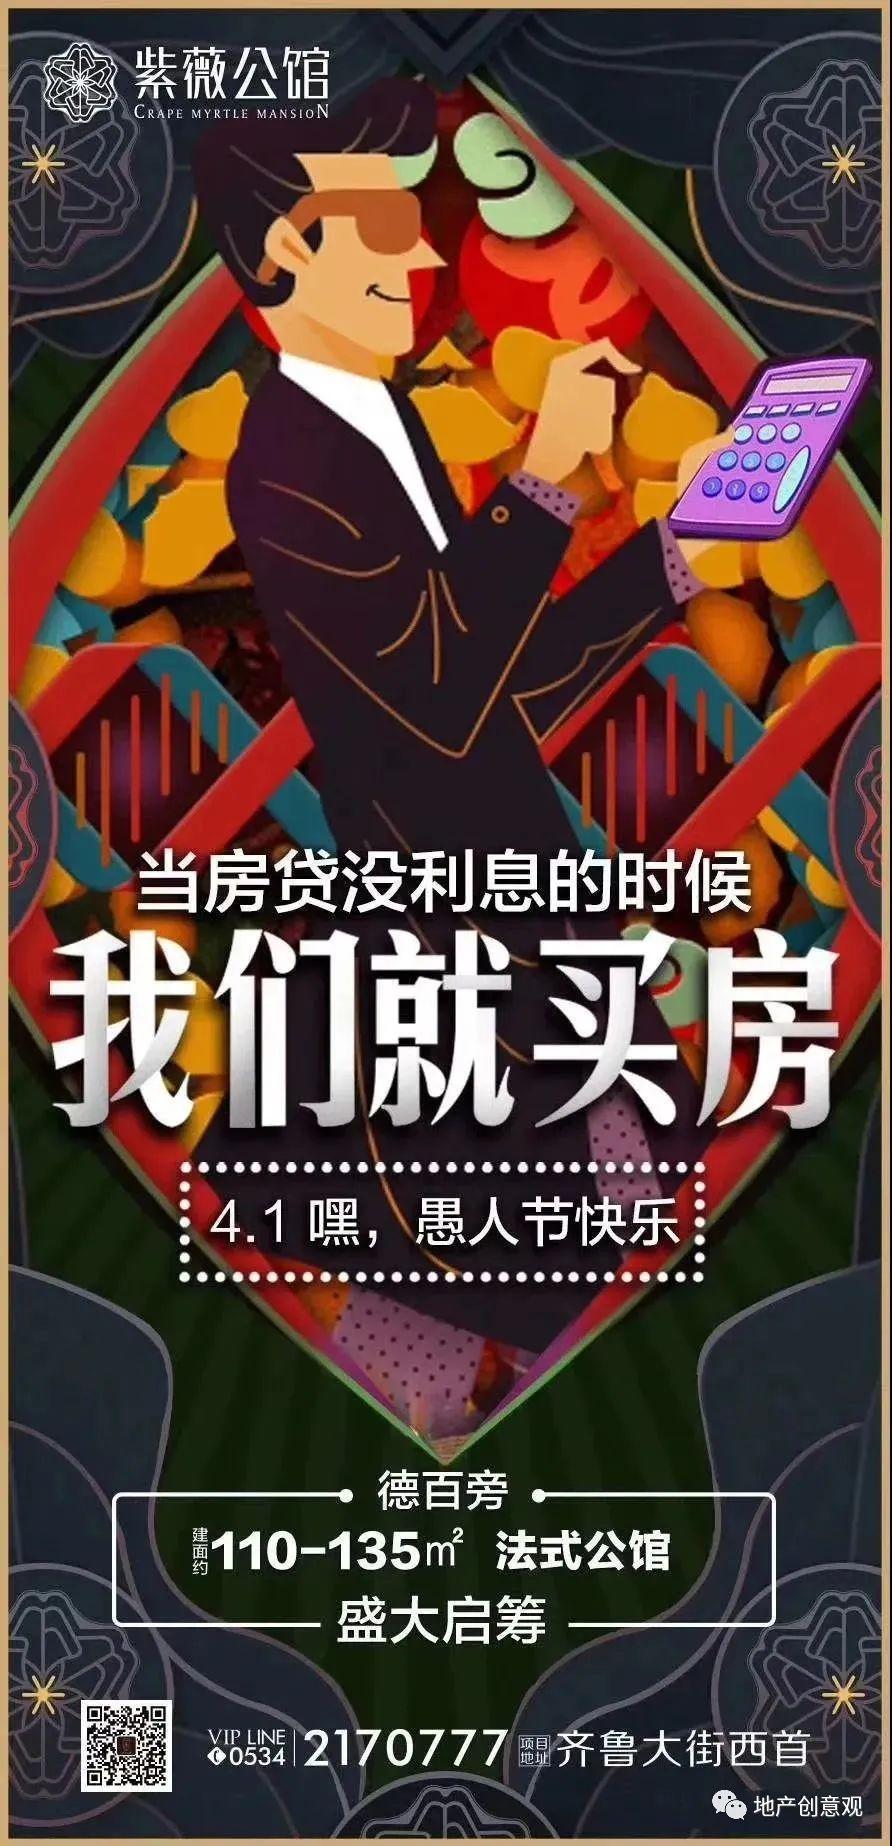 地产广告丨2021愚人节借势海报文案欣赏~插图215